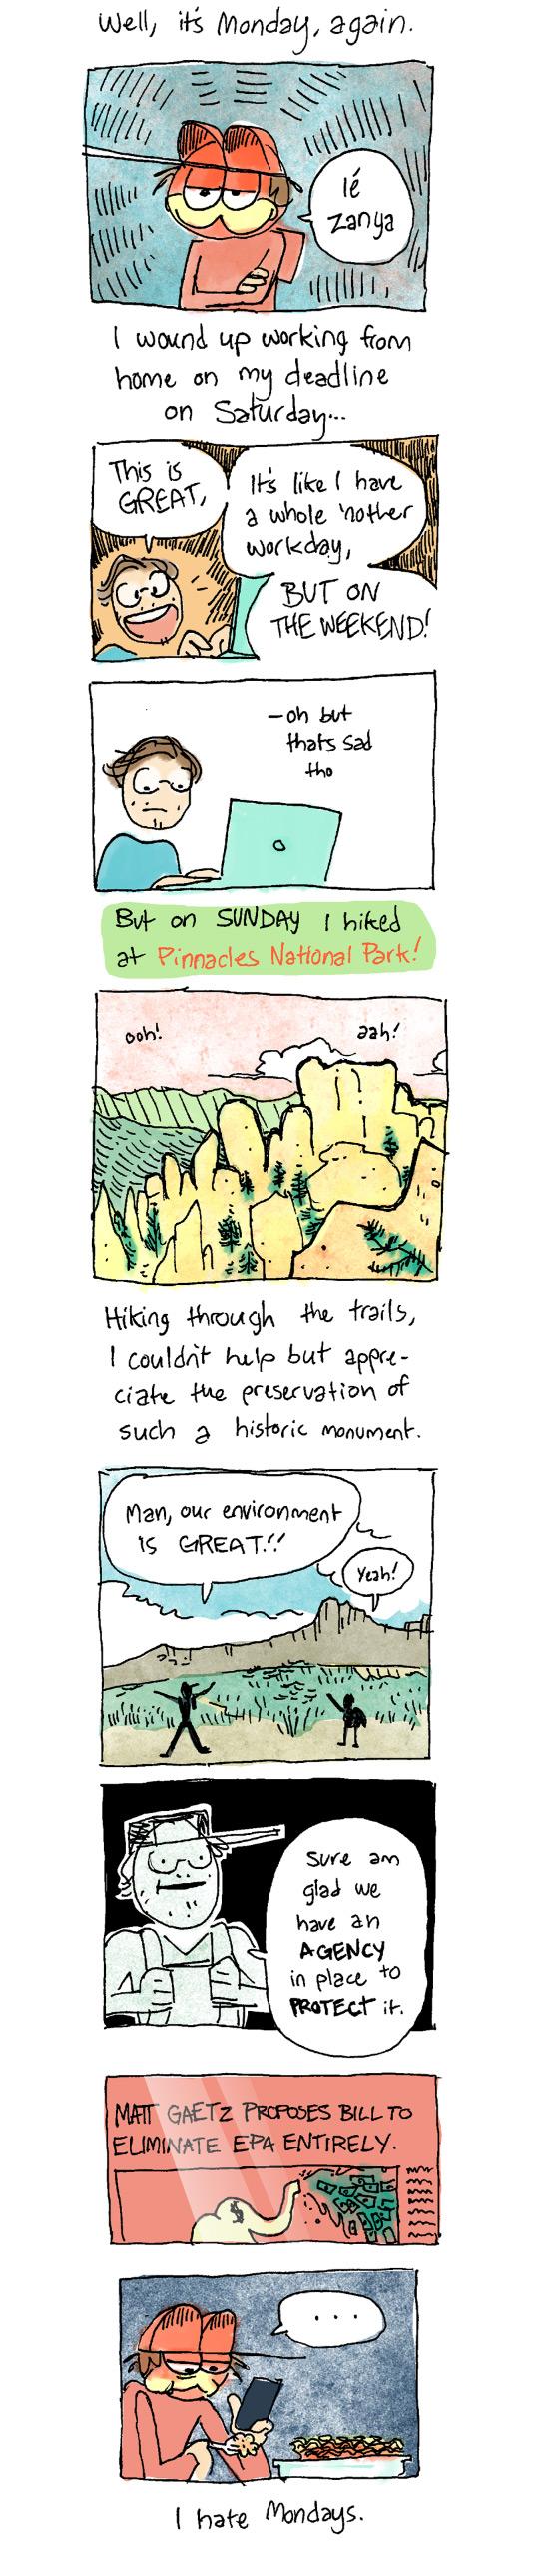 7 – The Pinnacles